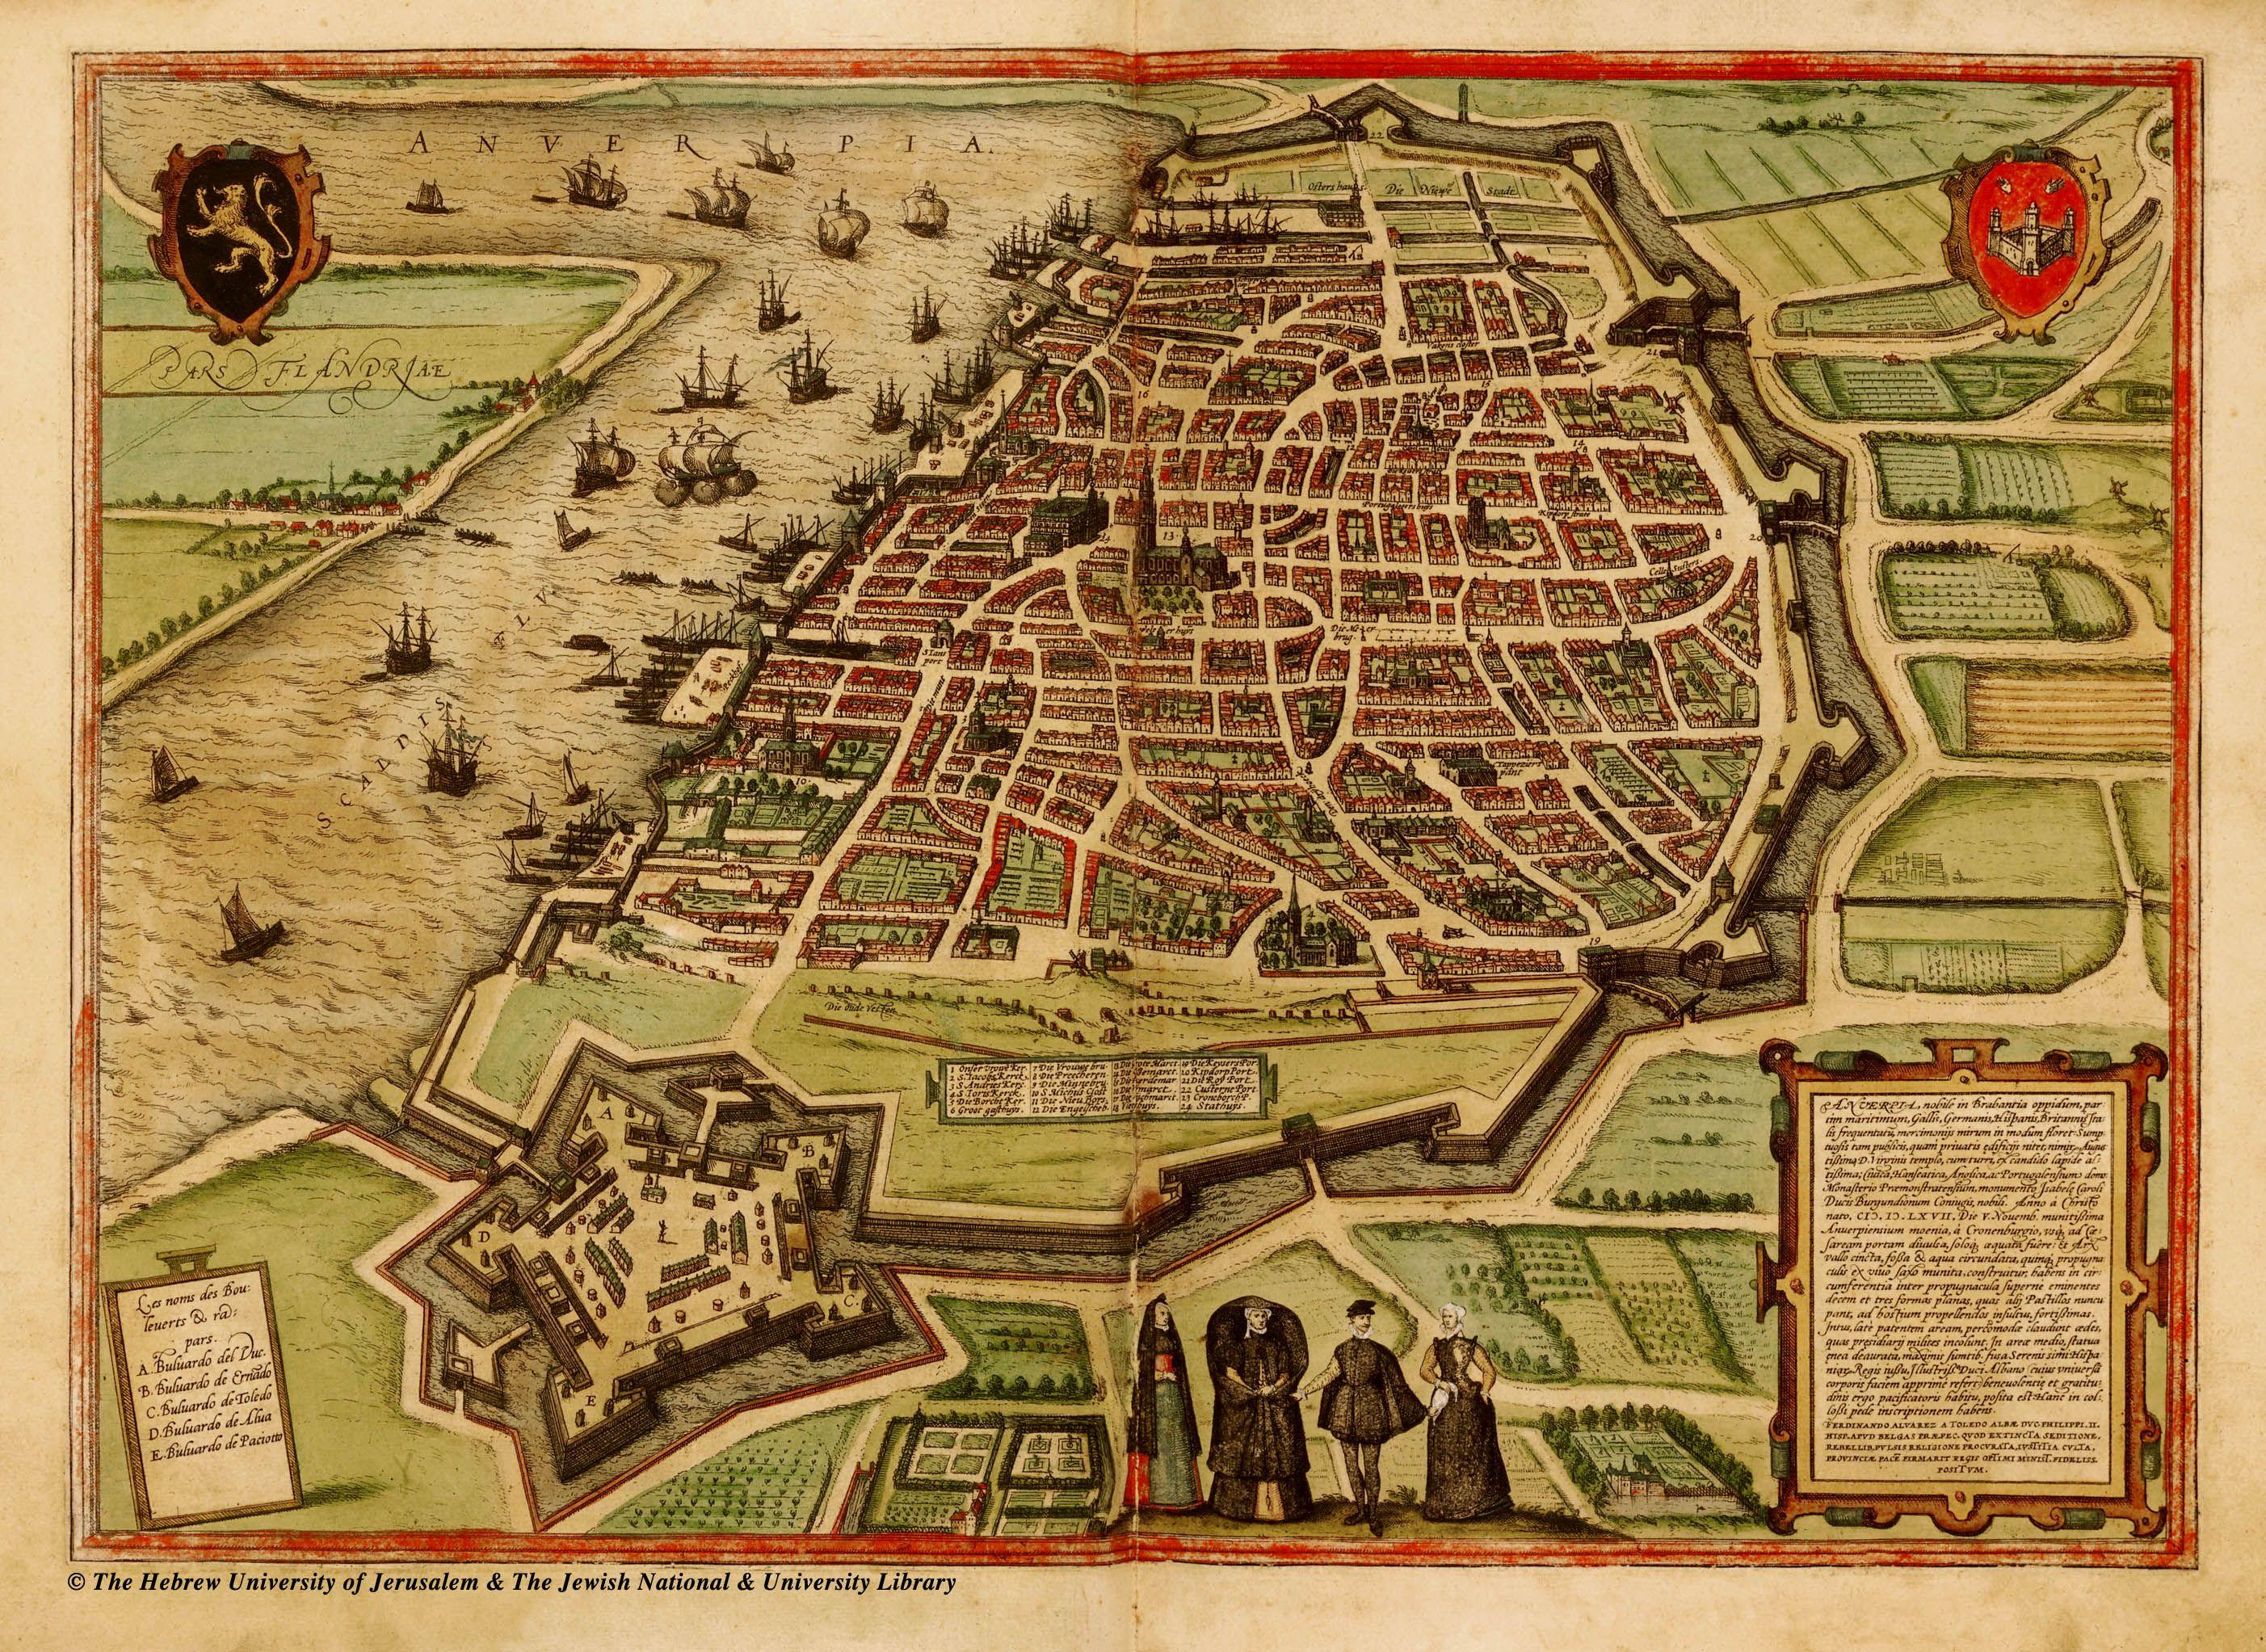 Antwerp, Belgium. 1590